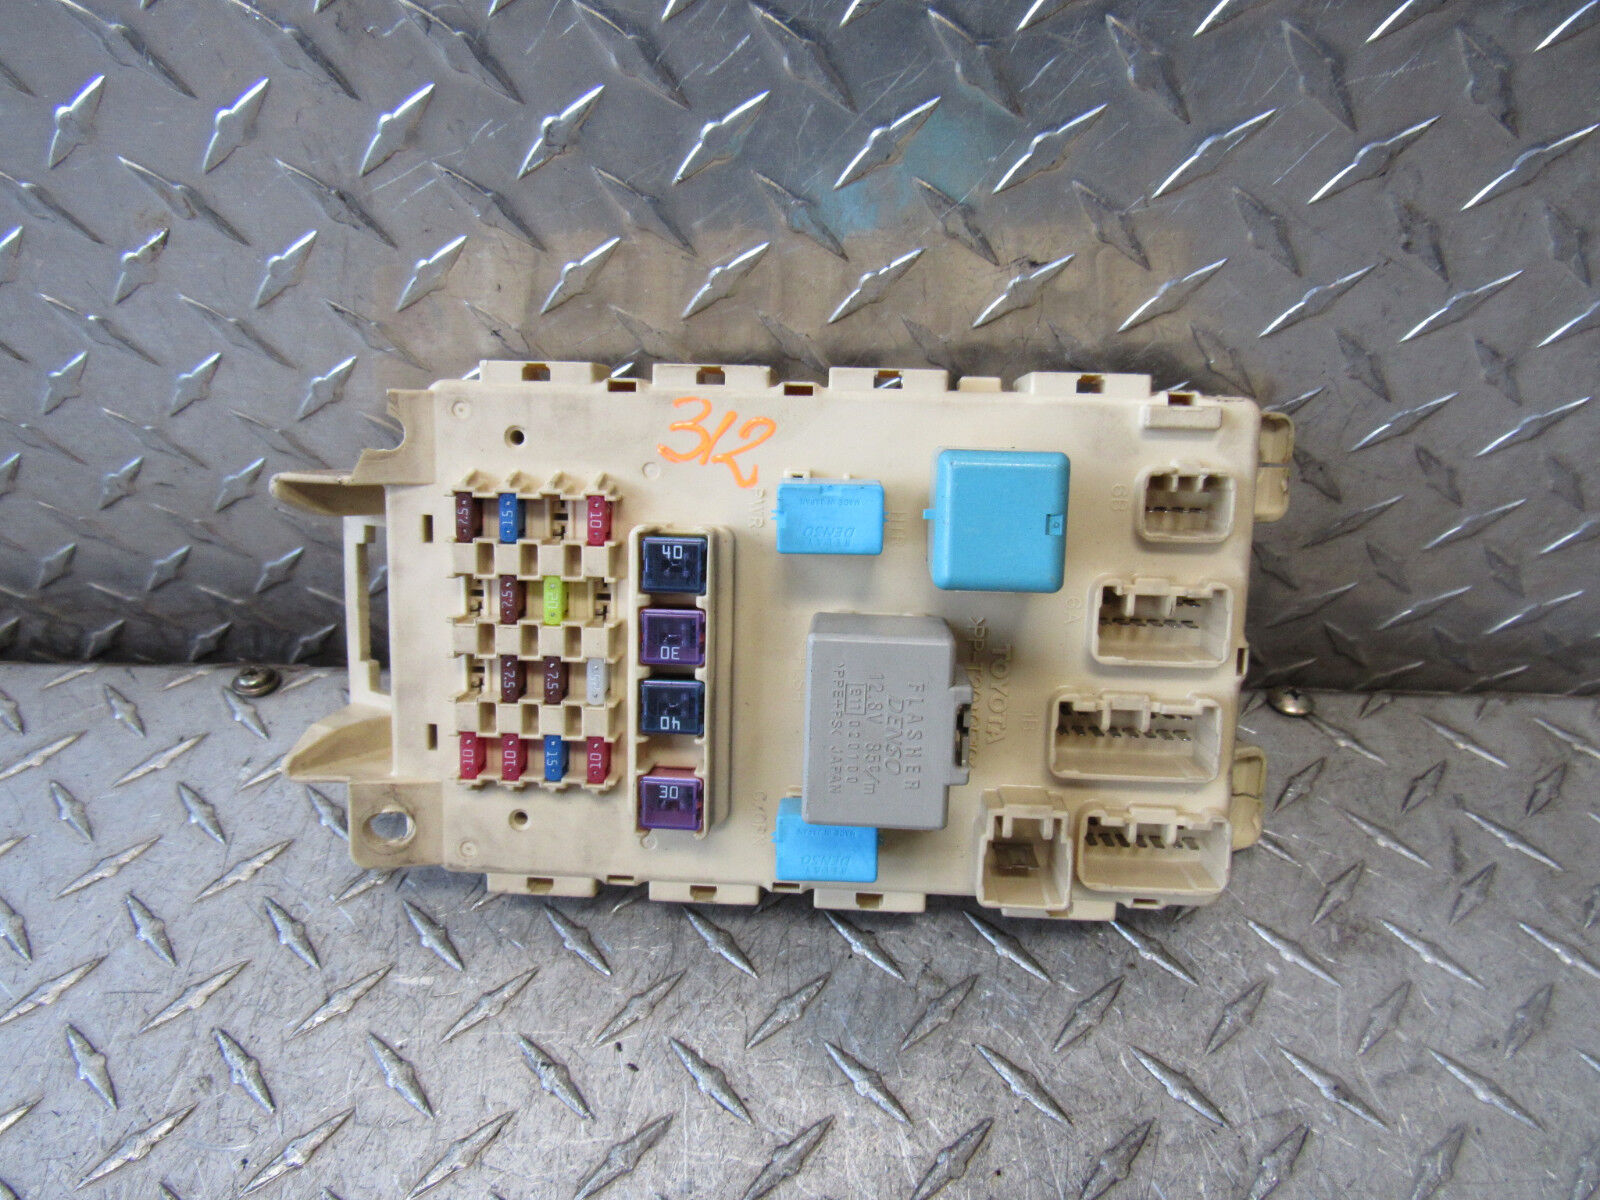 06 Scion Xb Interior Fuse Box 15l 4cyl 4dr Wgn